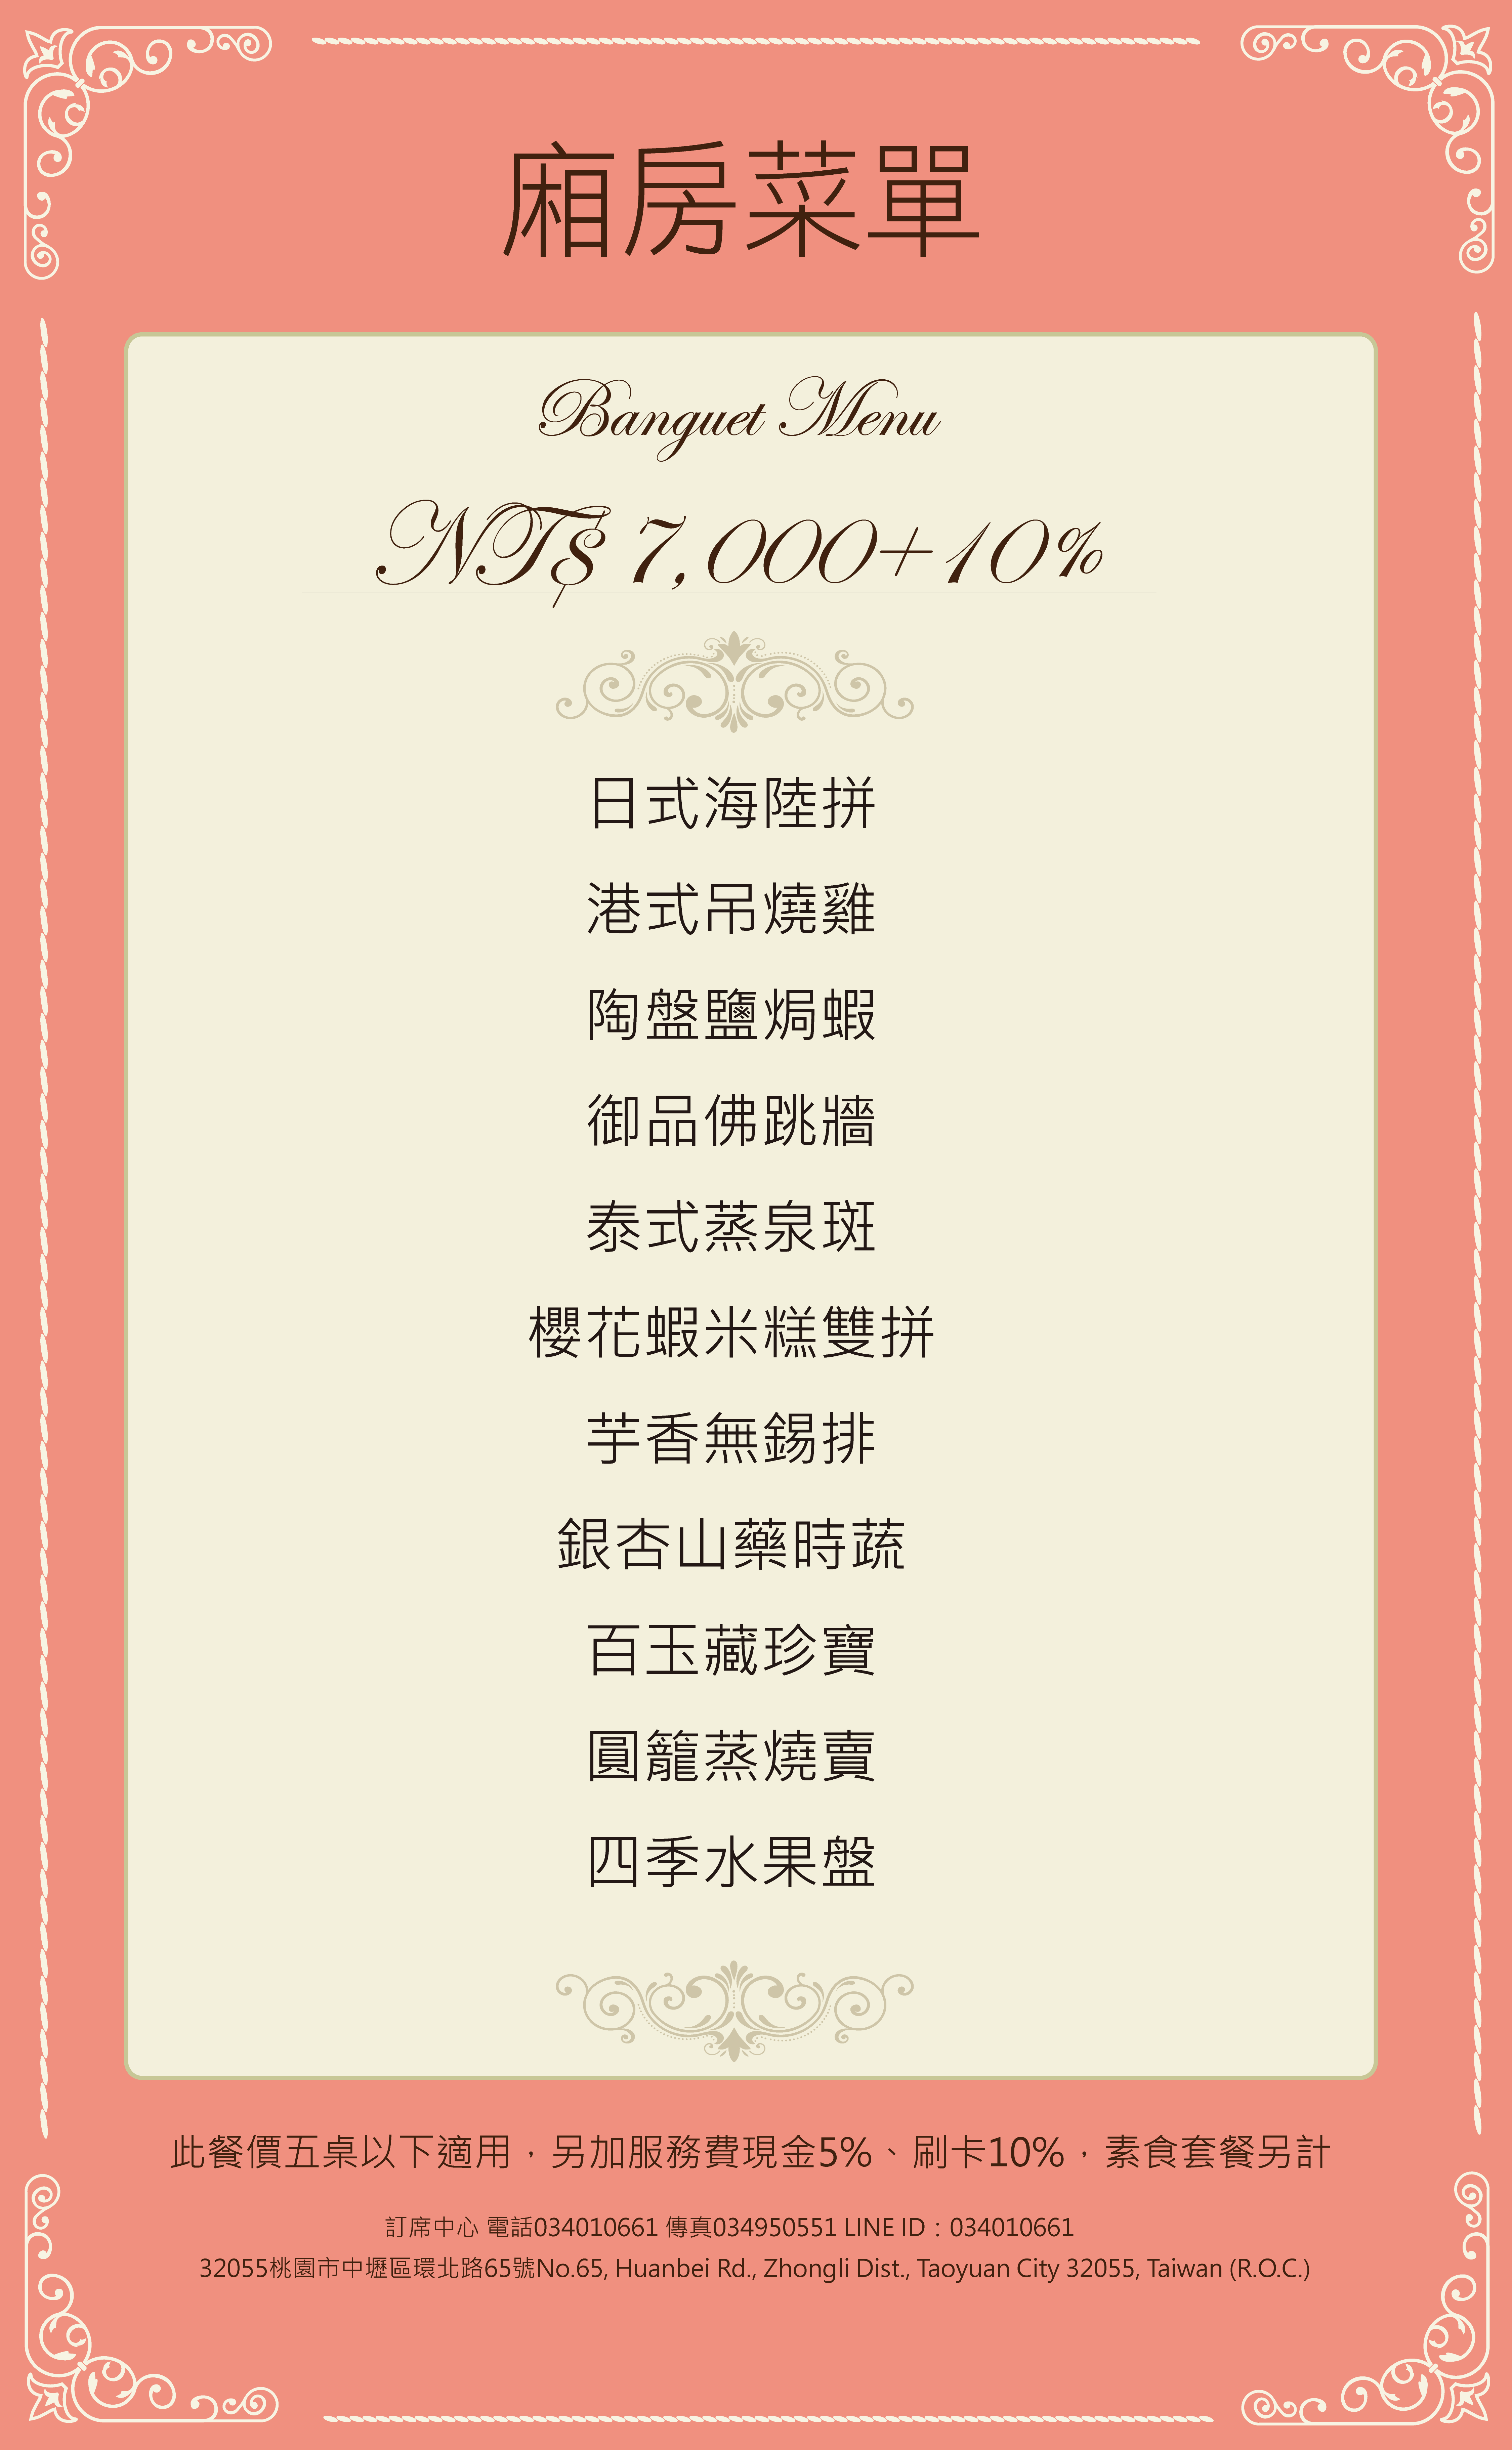 廂房菜單7000-01.png